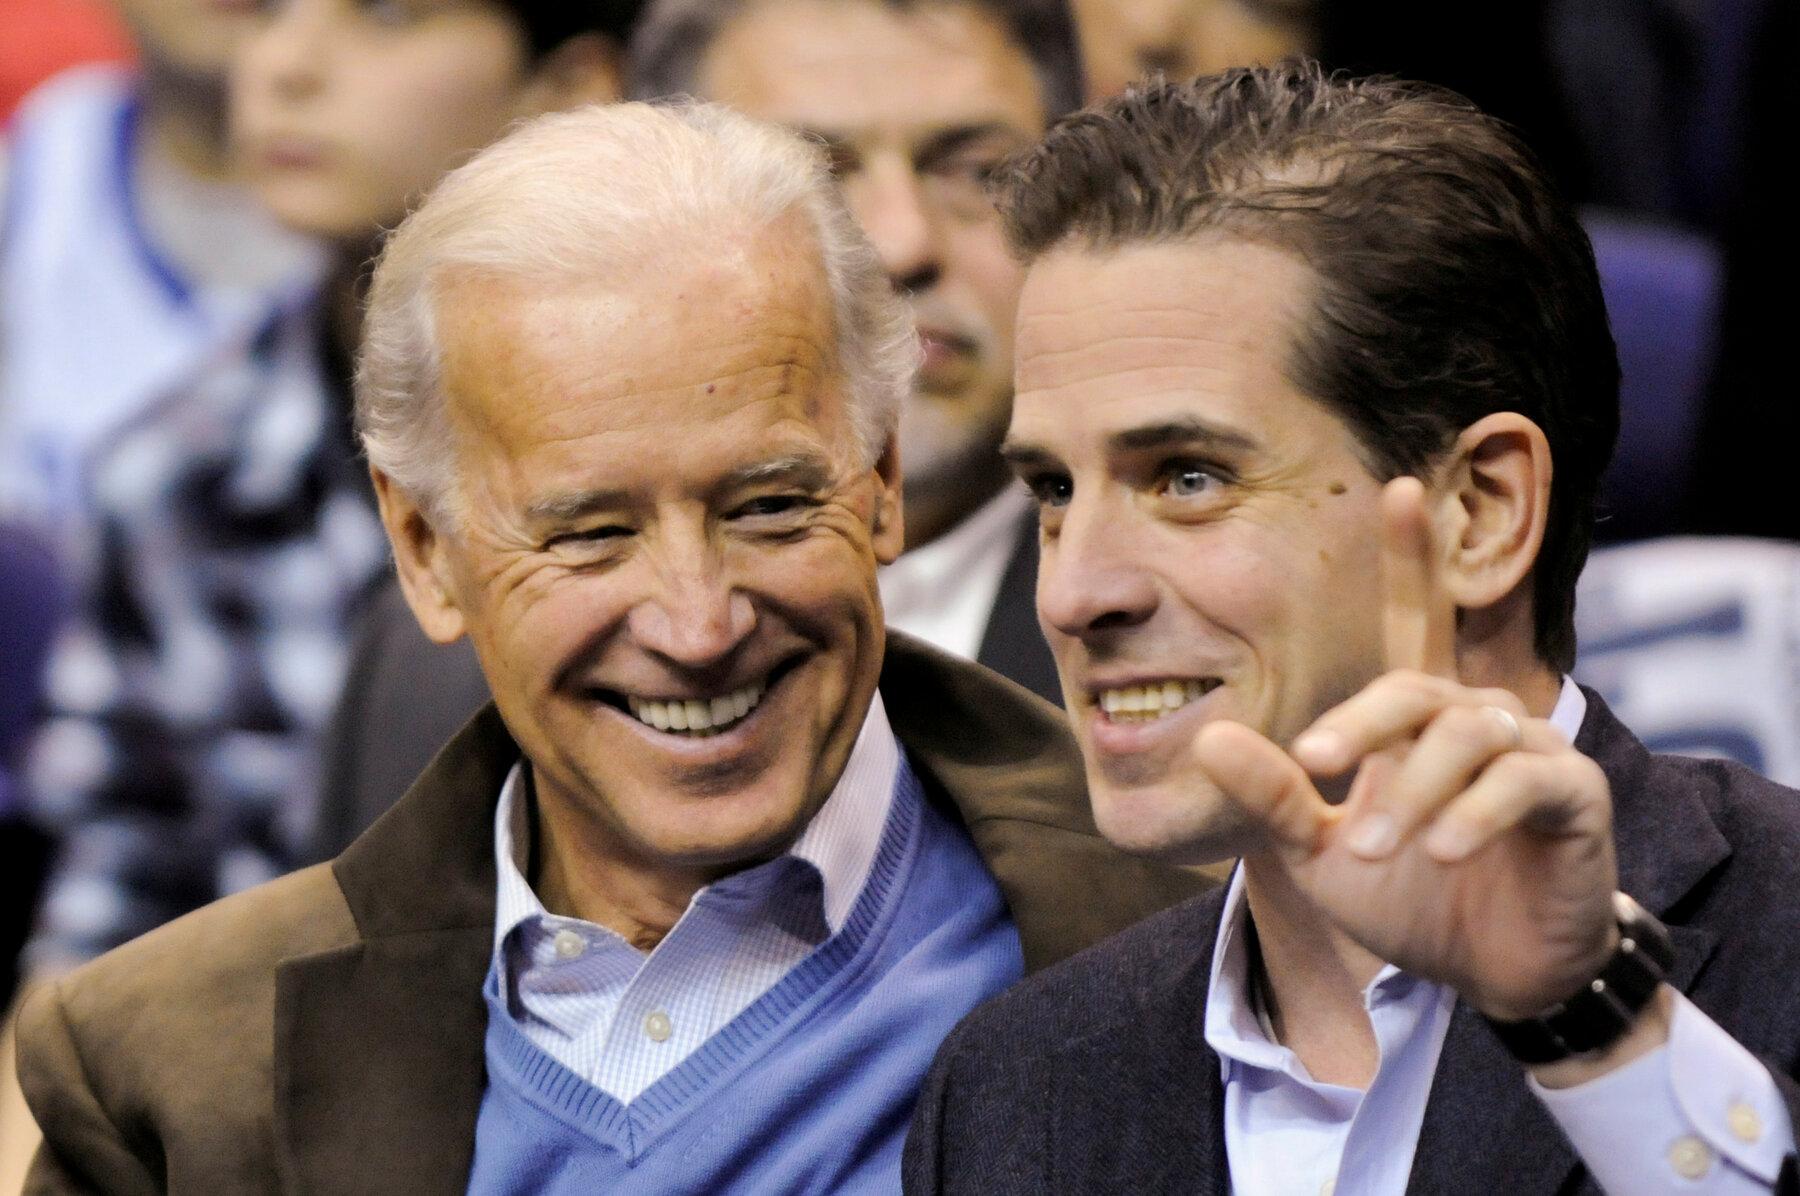 Un om de afaceri ucrainean susține că i-a fost cerut să mintă despre Hunter Biden, în schimbul unei vize